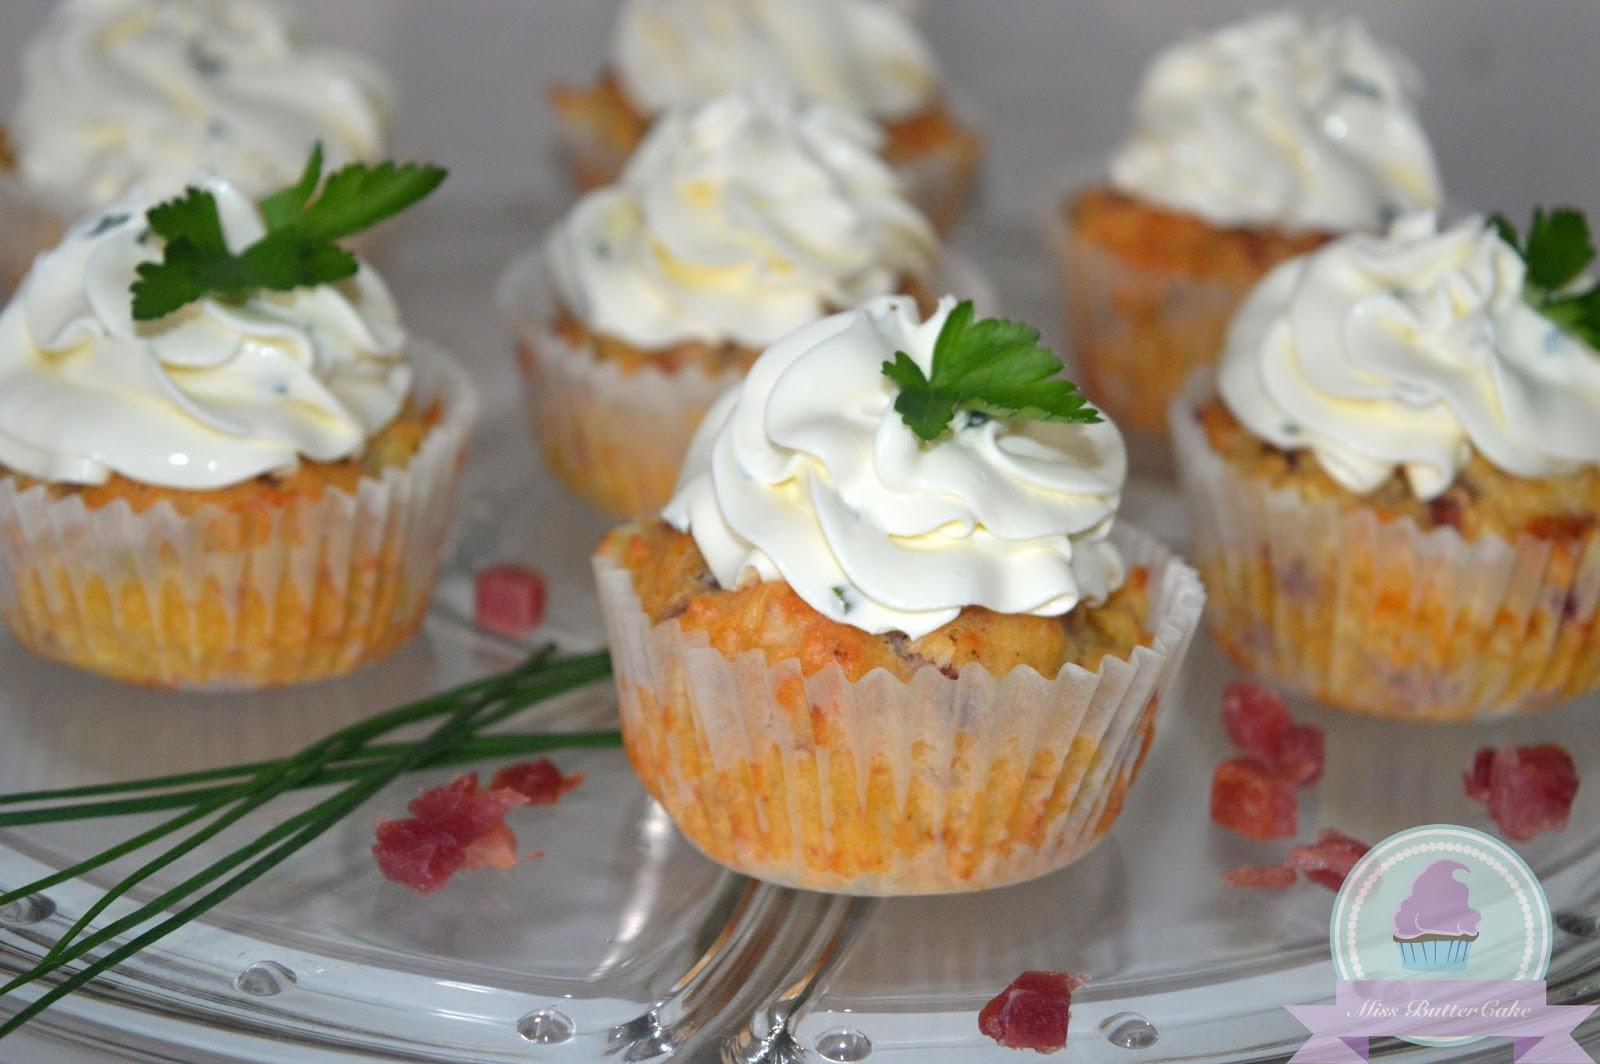 miss buttercake schinken k se cupcakes. Black Bedroom Furniture Sets. Home Design Ideas